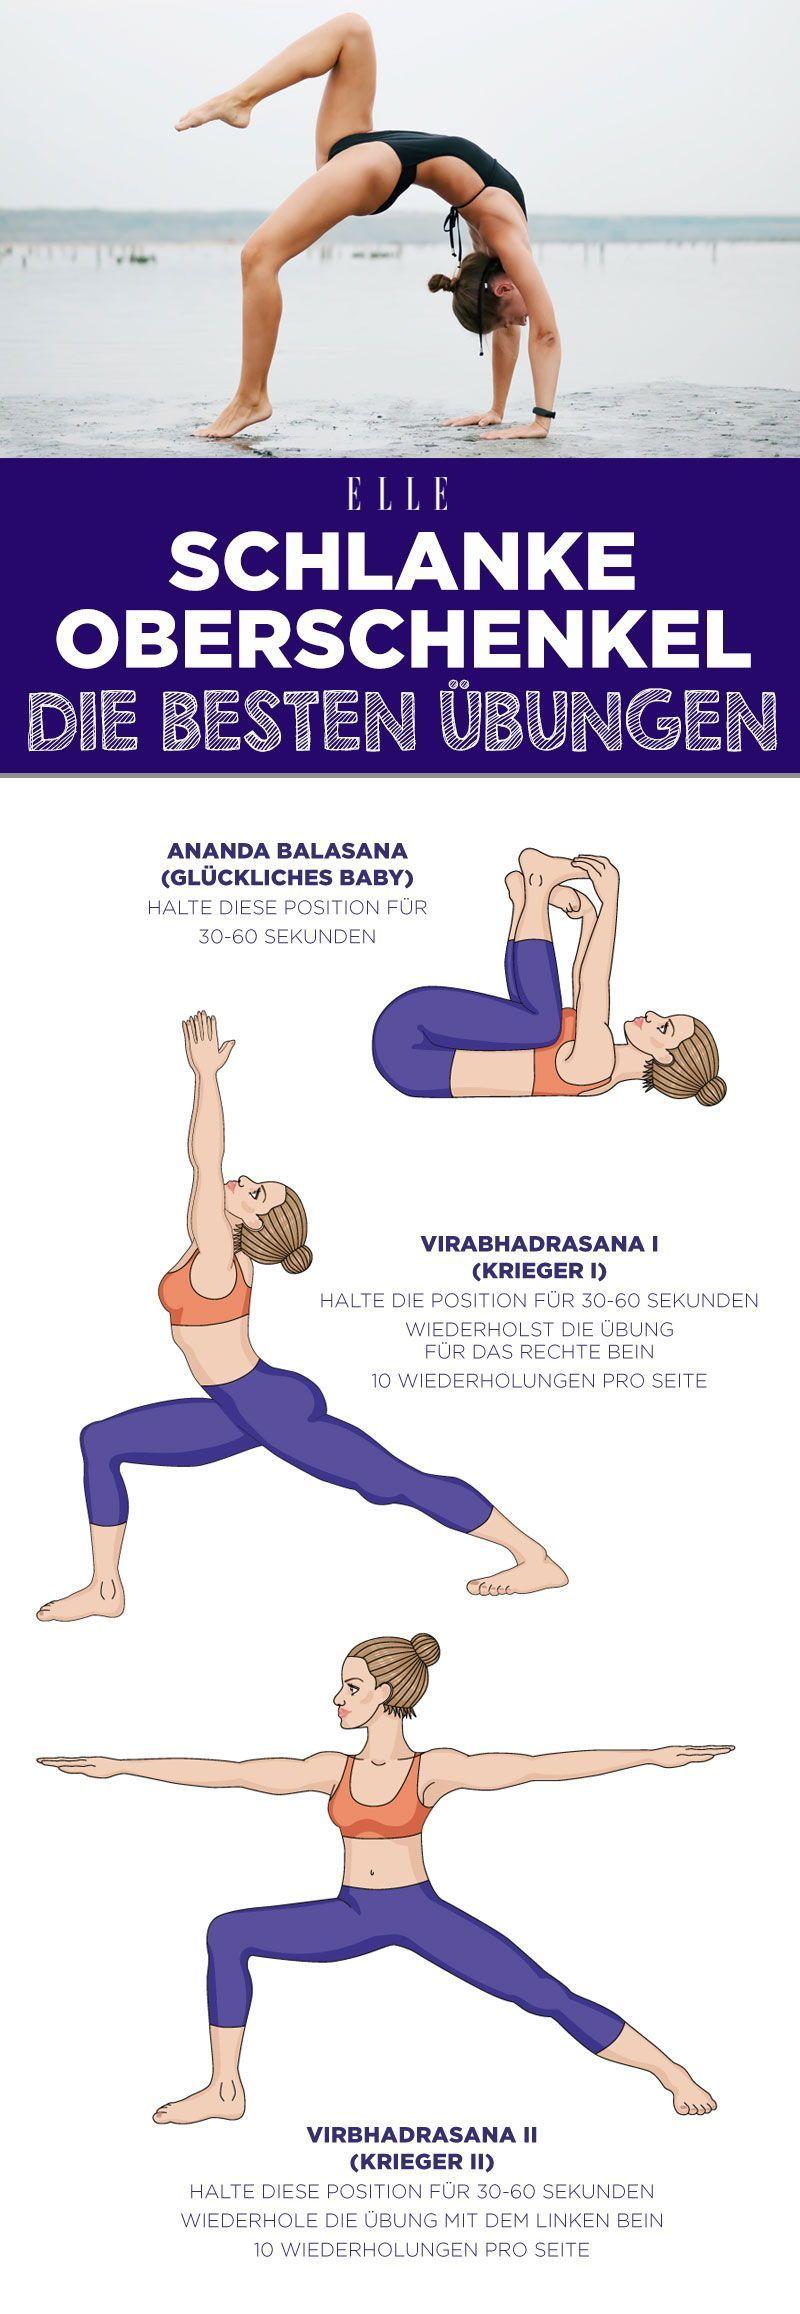 Schlanke Oberschenkel: 3 einfache Yoga-bungen, die sofort helfen #beine #oberschenkel #training #sch...